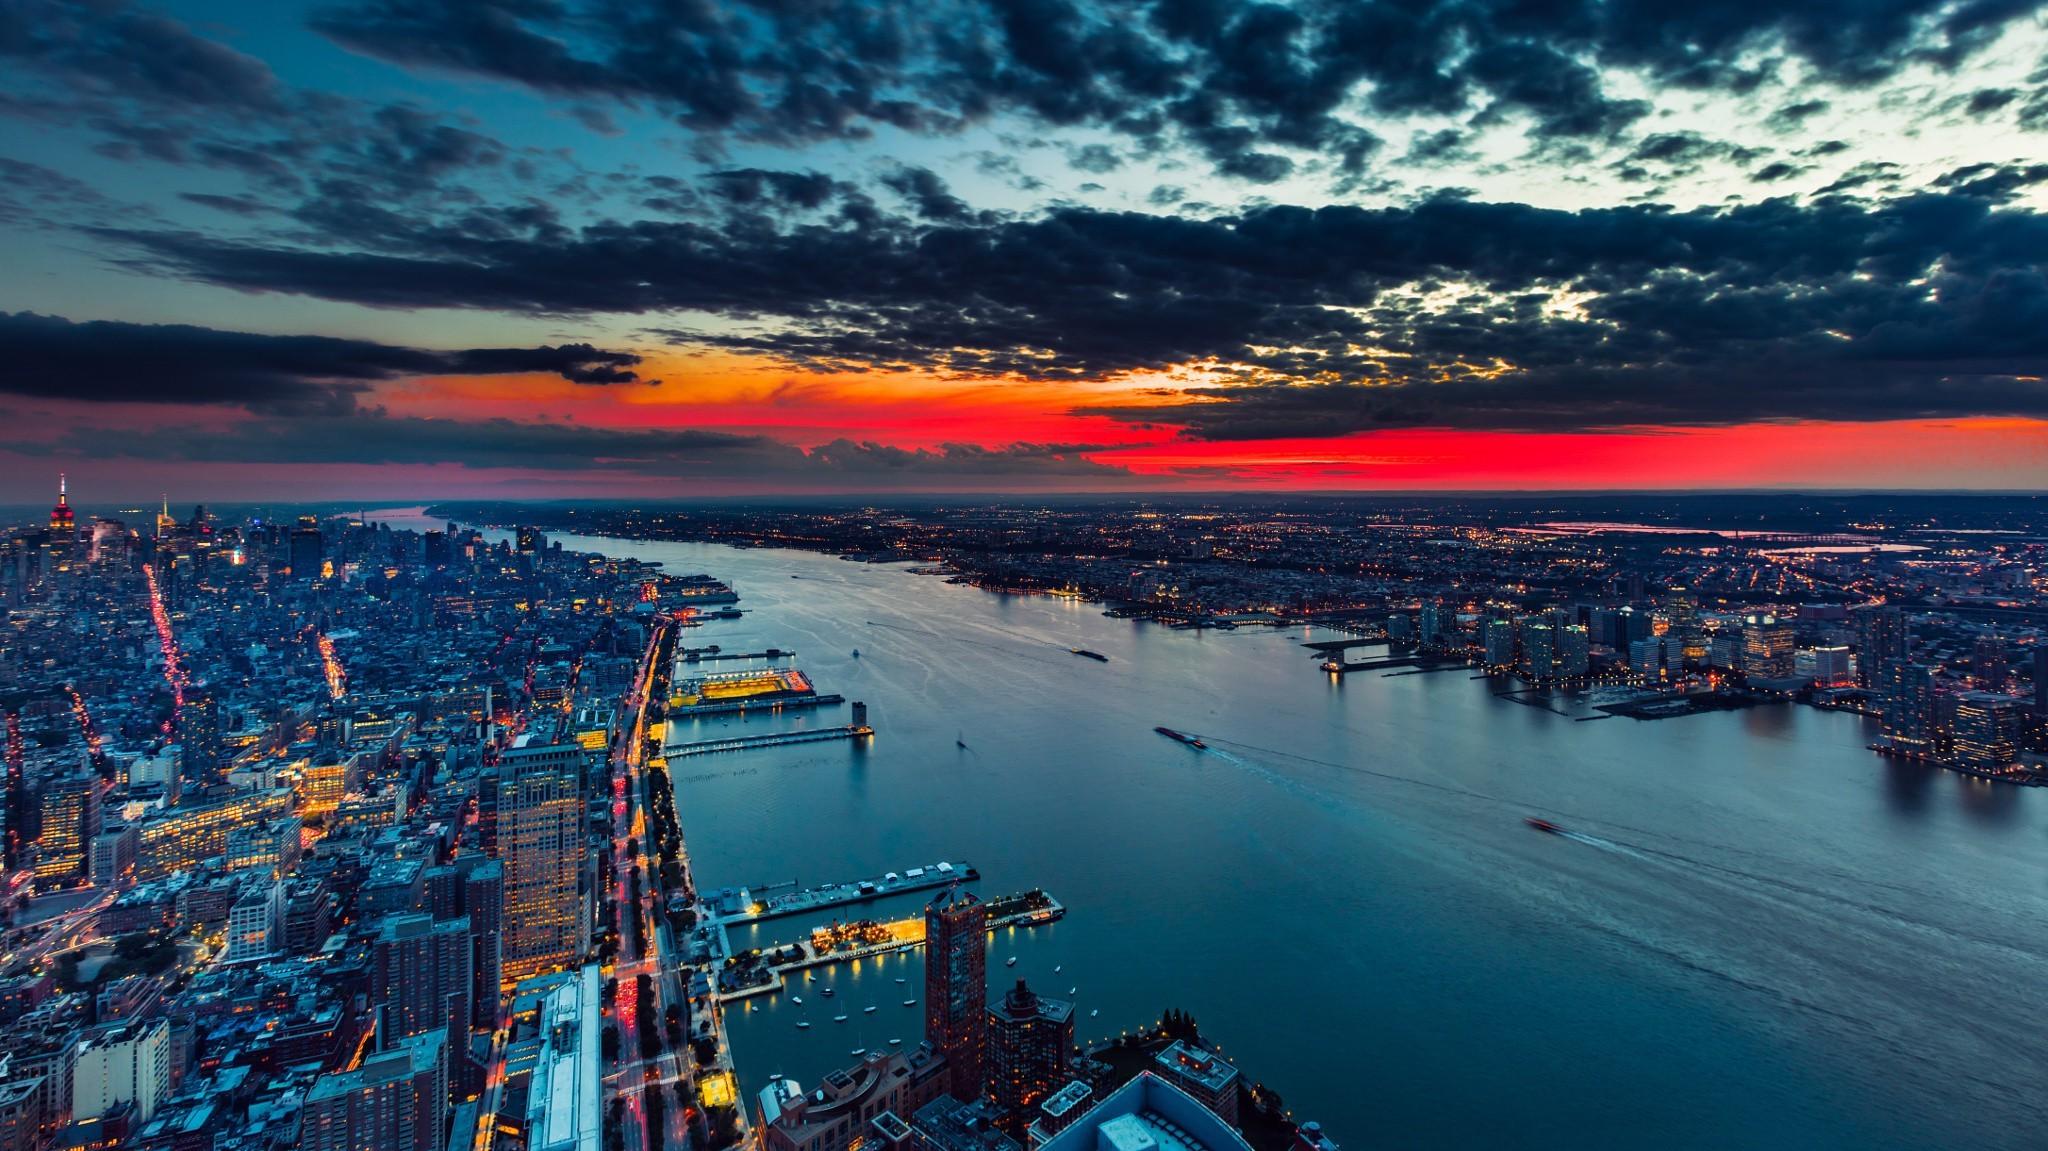 Sfondi tramonto mare citt paesaggio urbano baia for Sfondi 4k per pc